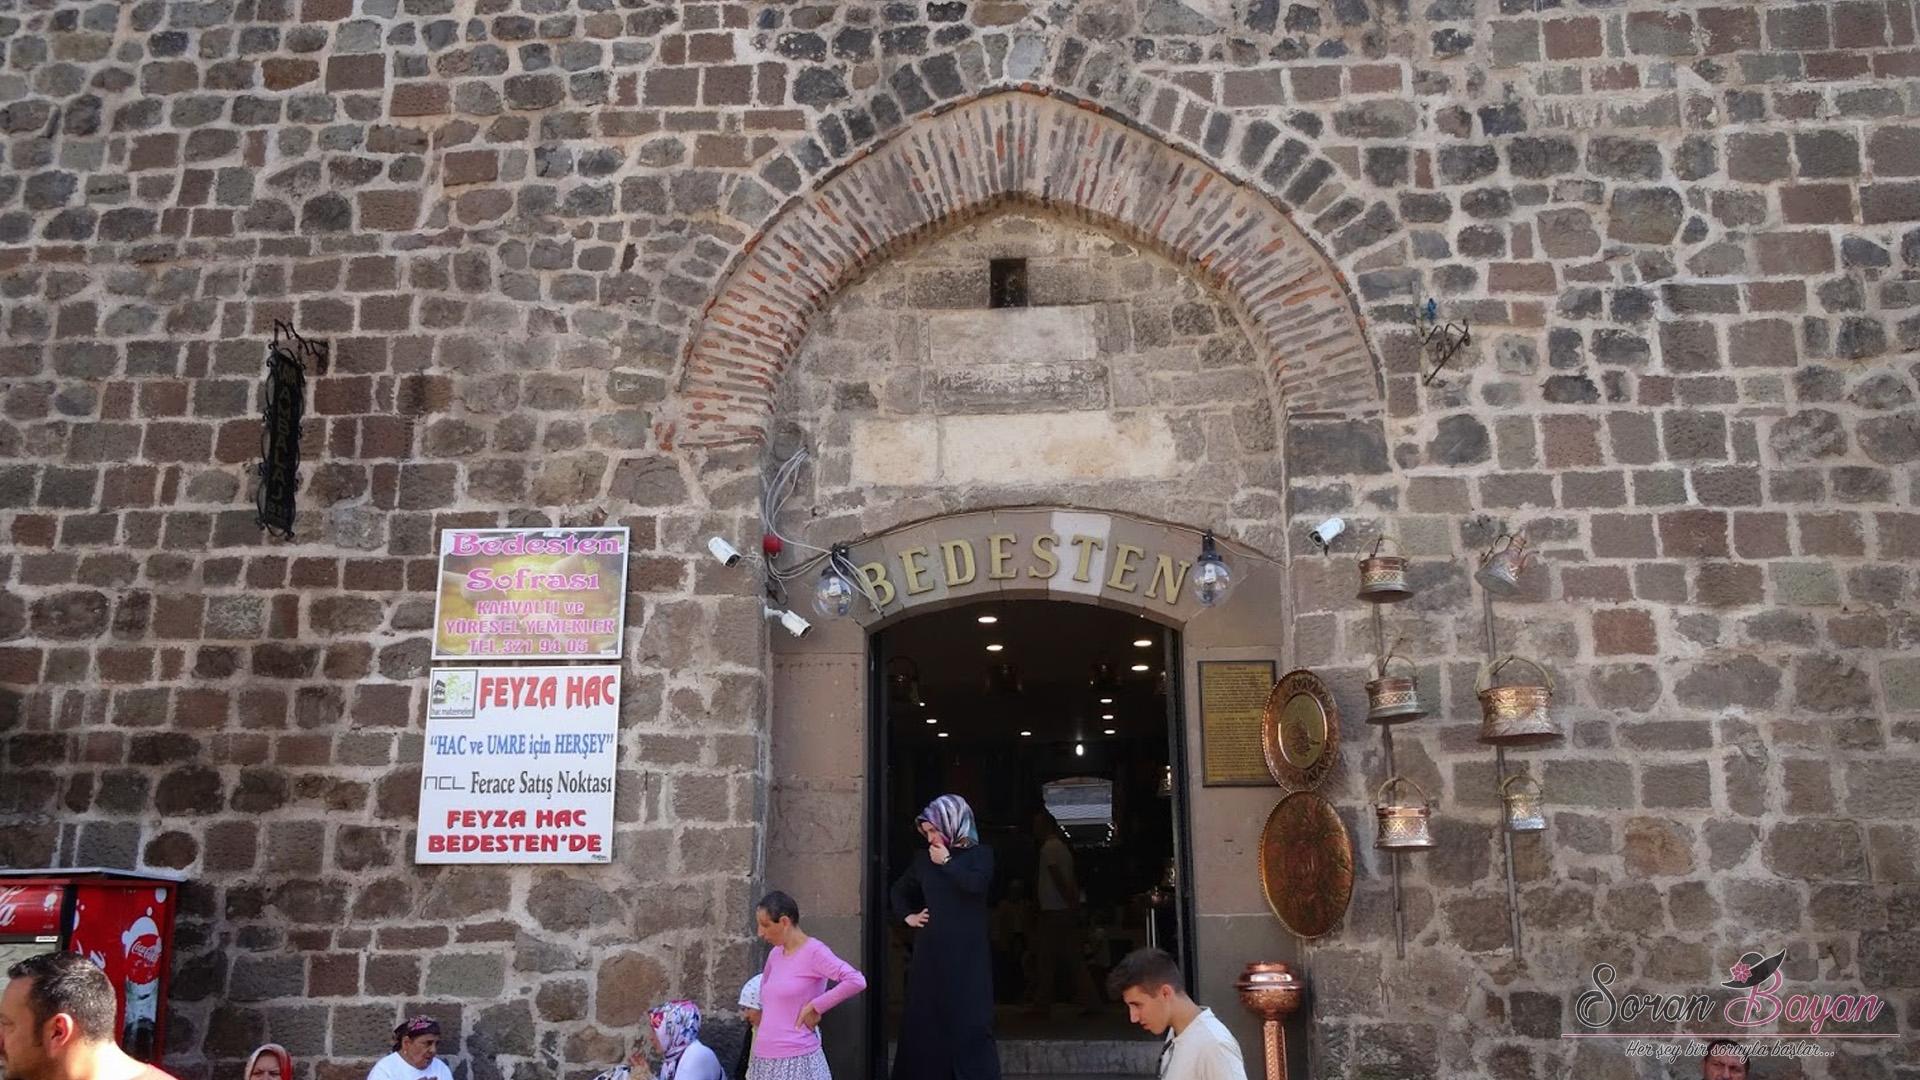 تركيا طرابزون اهم اماكن التسوق والمطاعم سوق بداستان